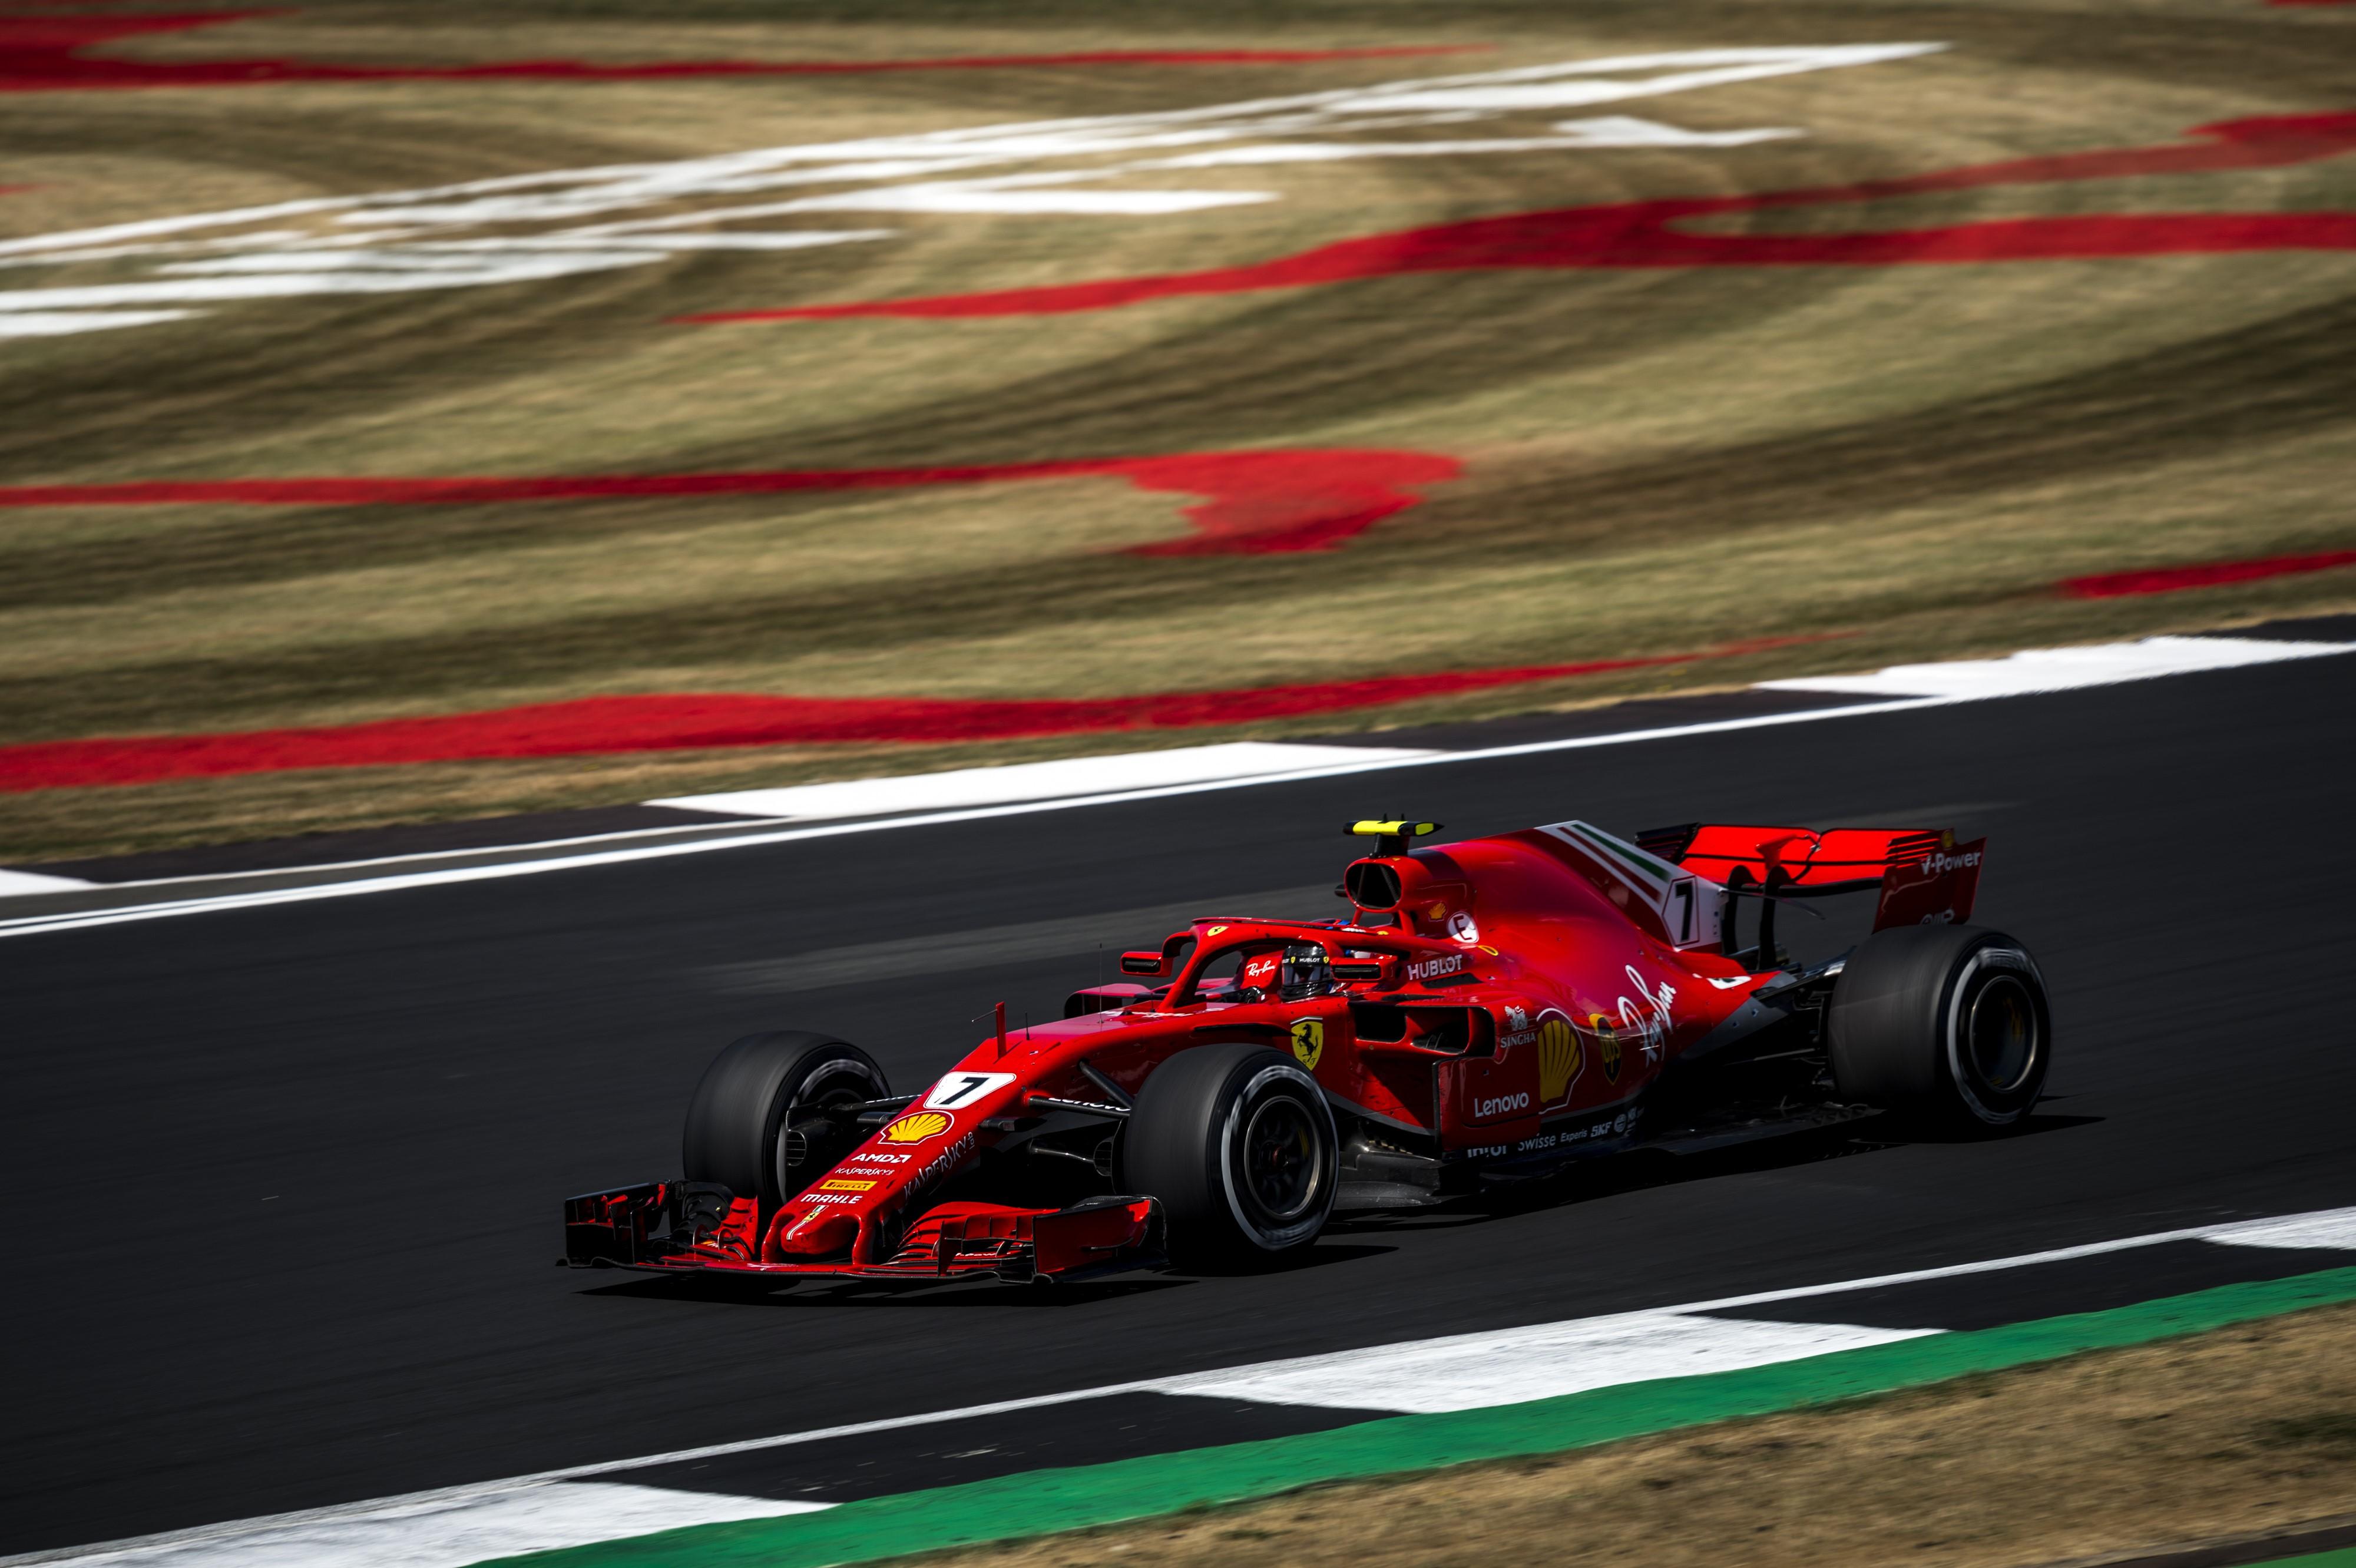 Kimi Räikkönen (Ferrari) au Grand Prix de Grande-Bretagne 2018